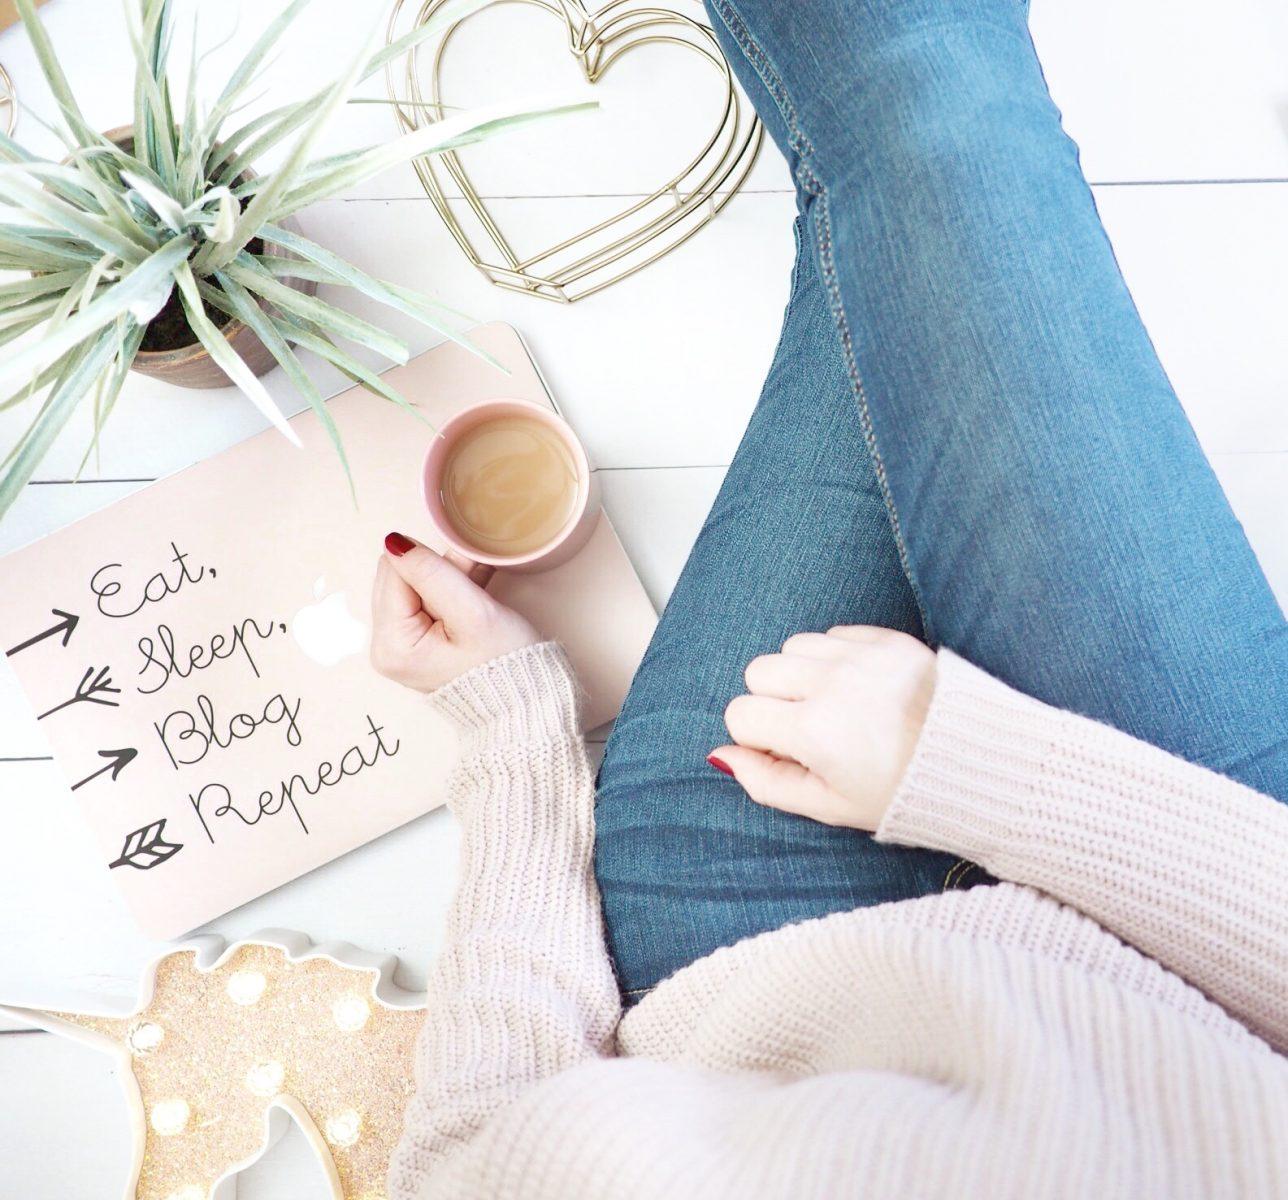 Αυτοφροντίδα: Αντάμειψε τον εαυτό σου σήμερα